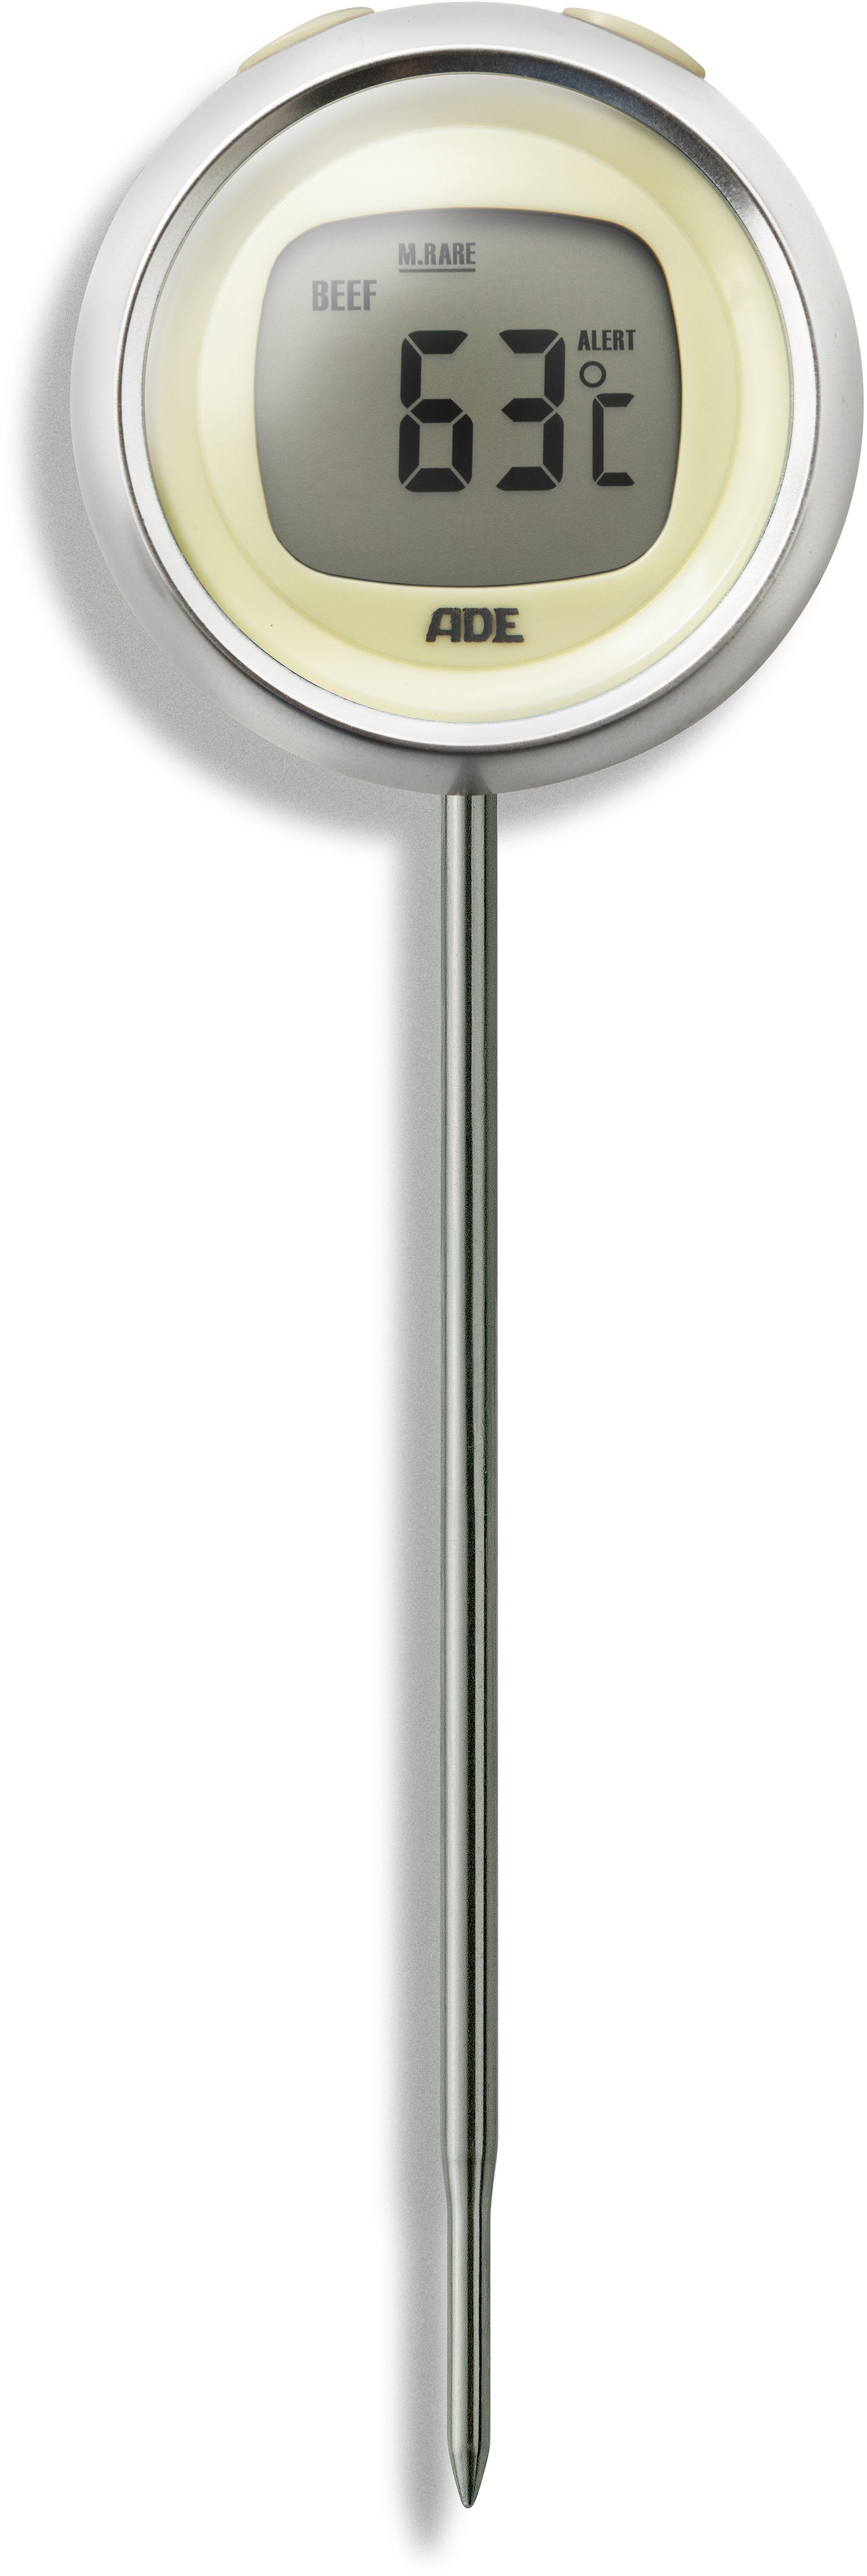 ADE Digitales Küchenthermometer BBQ 1300/1301/1302